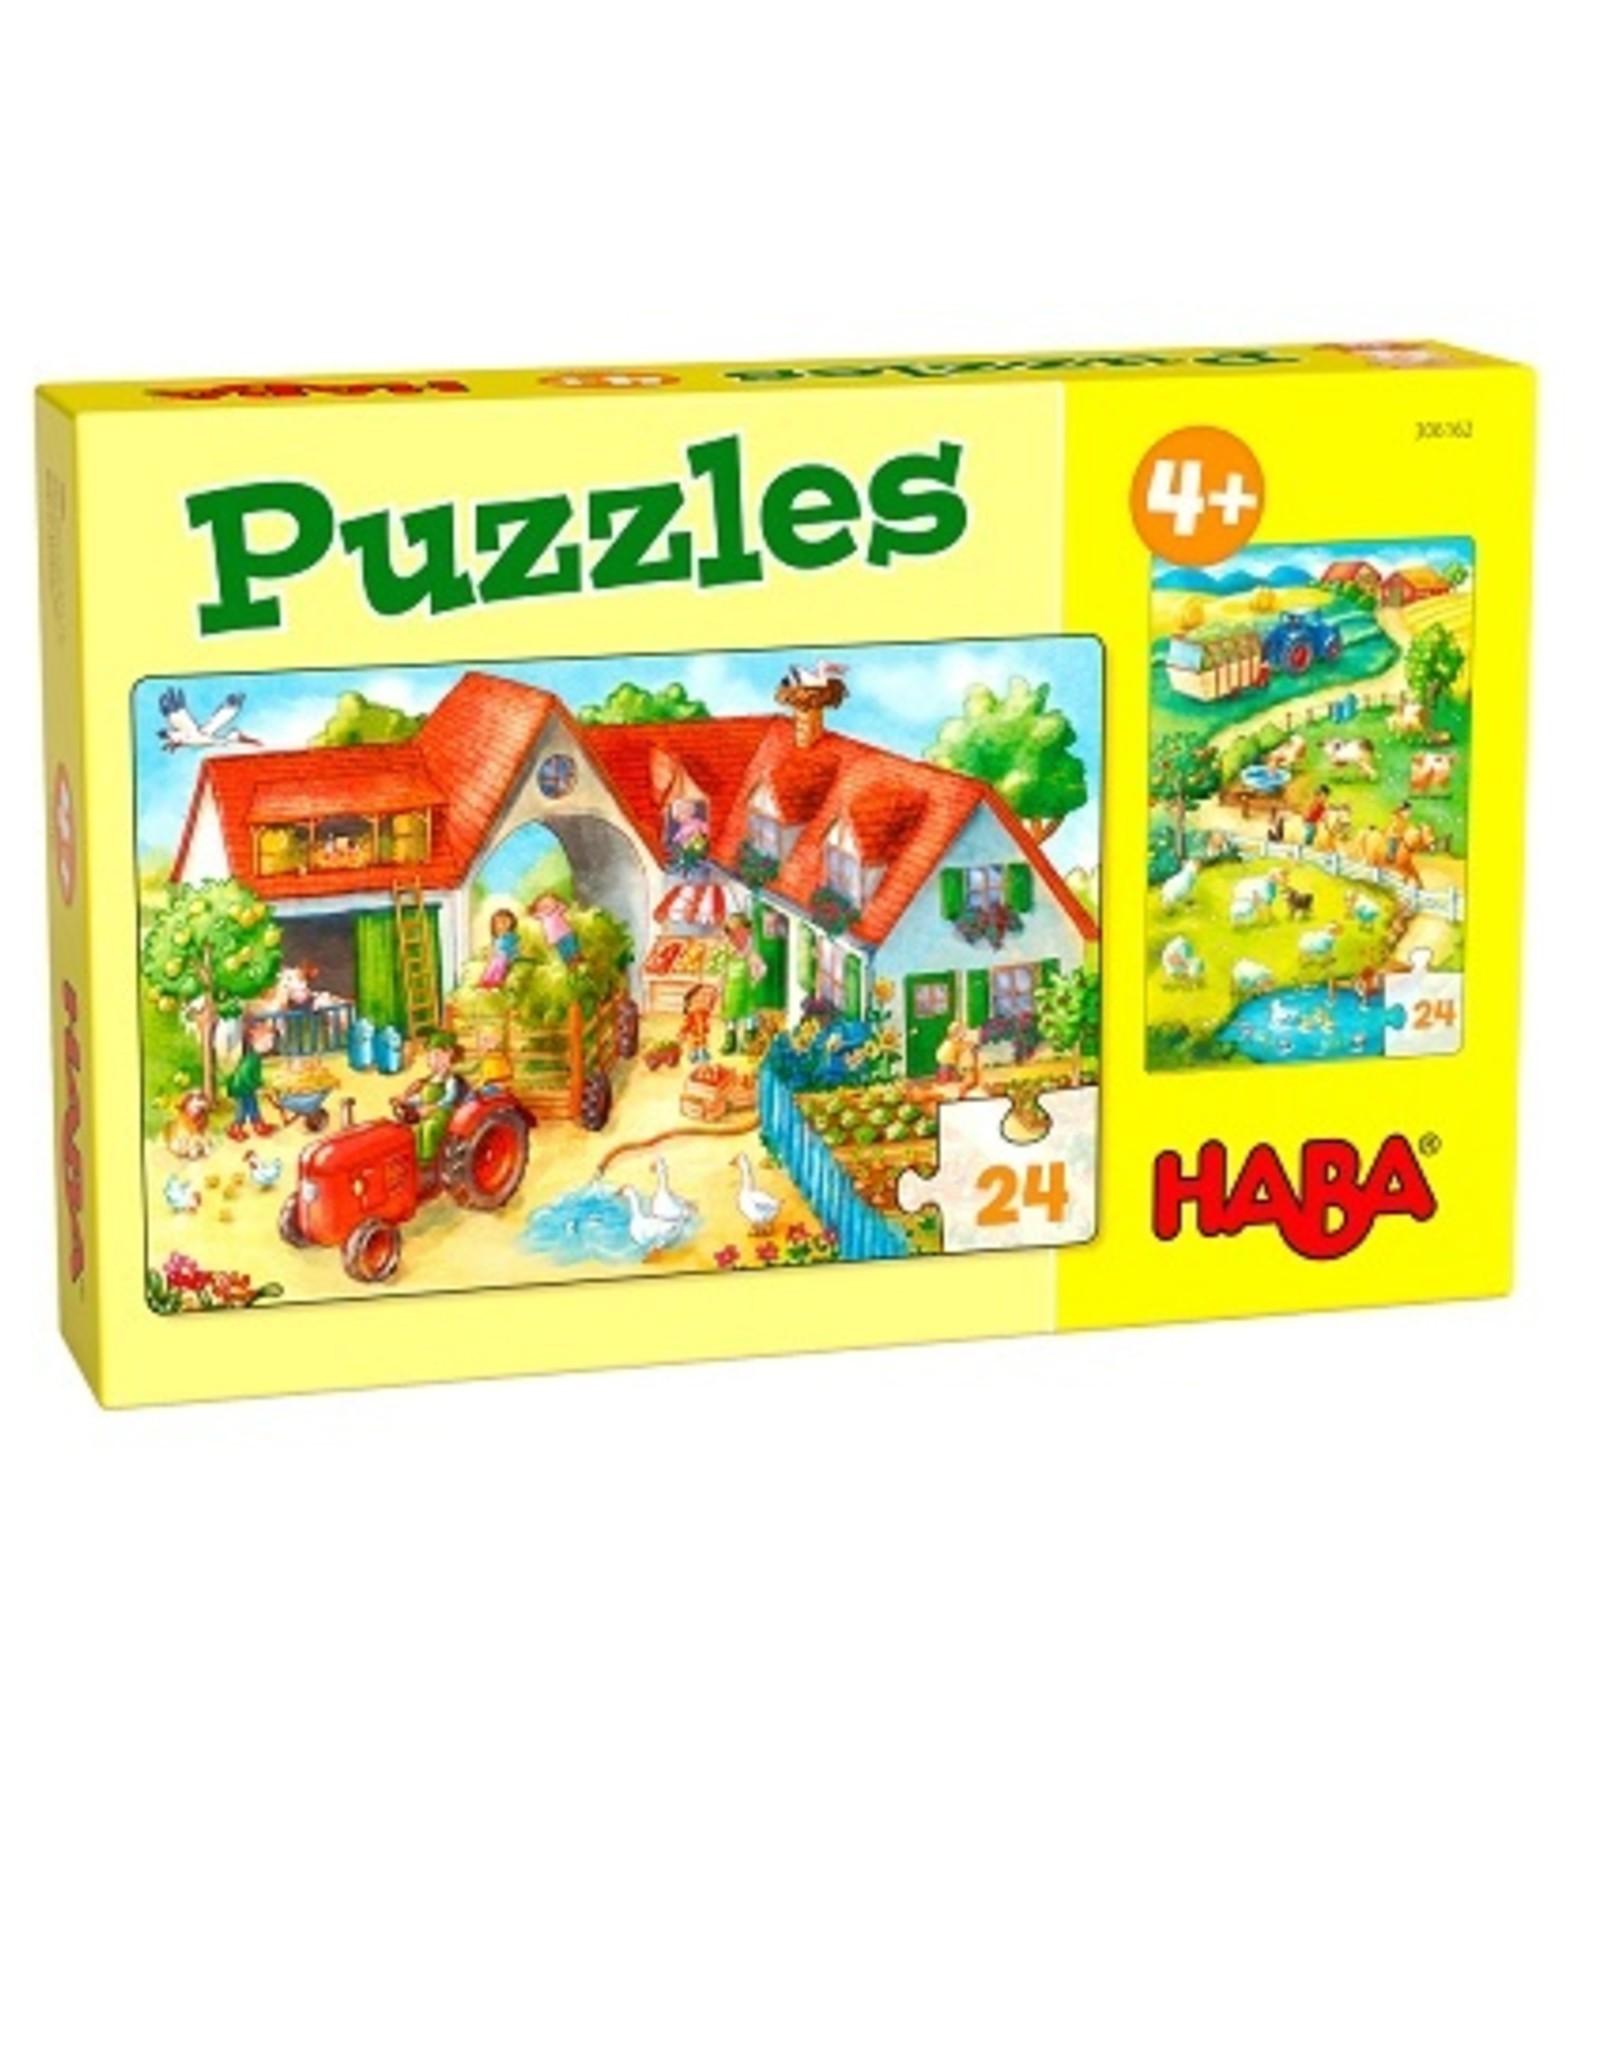 Haba Puzzel + 4jaar 24 stuks